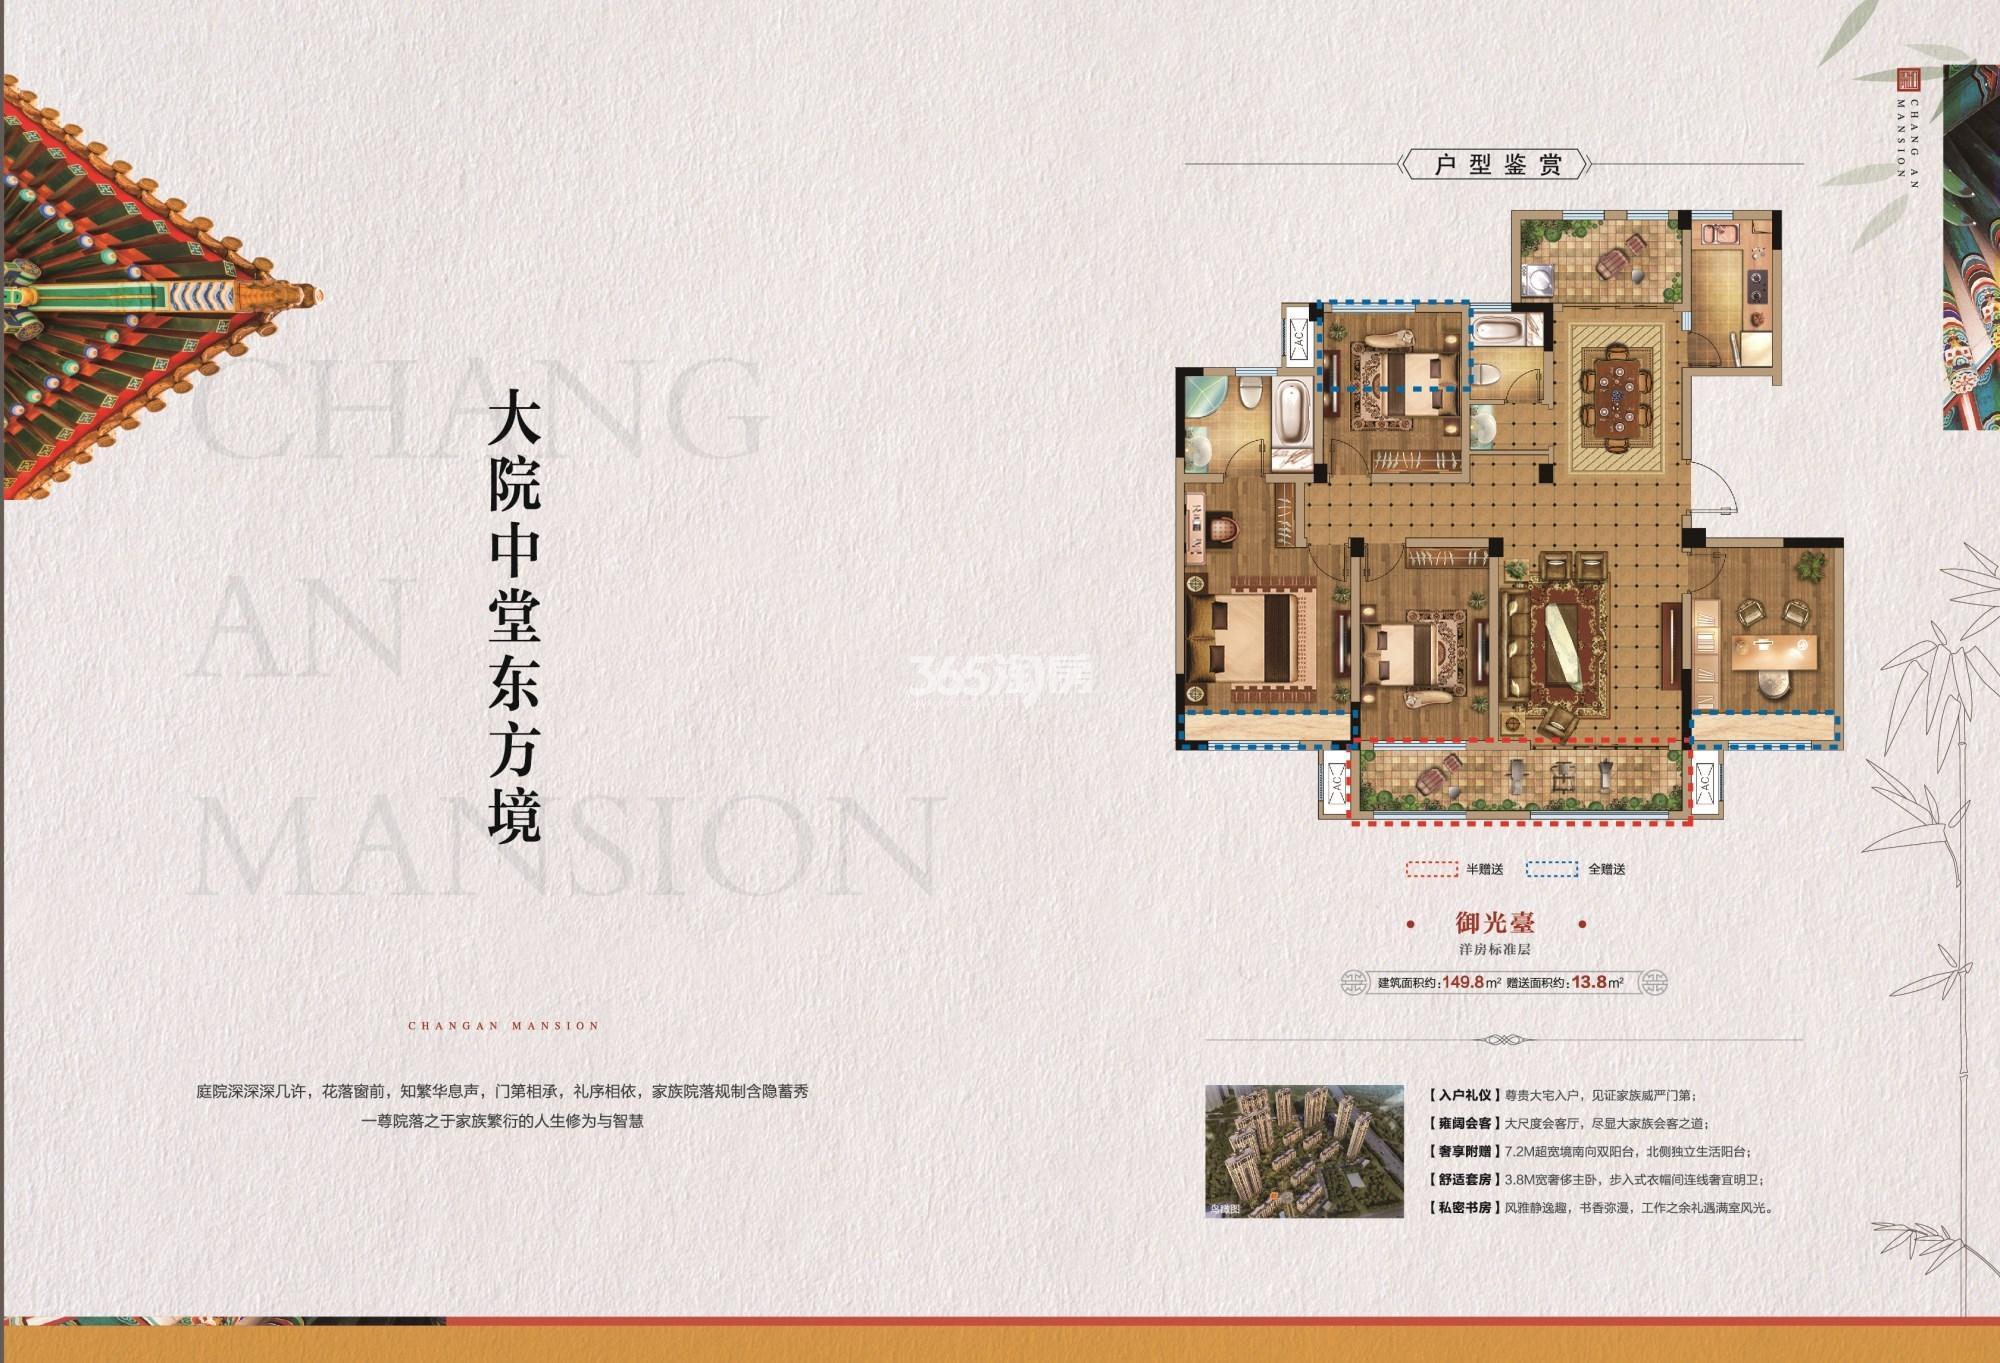 长安城·如院项目御光臺洋房标准层户型149.8平米户型图